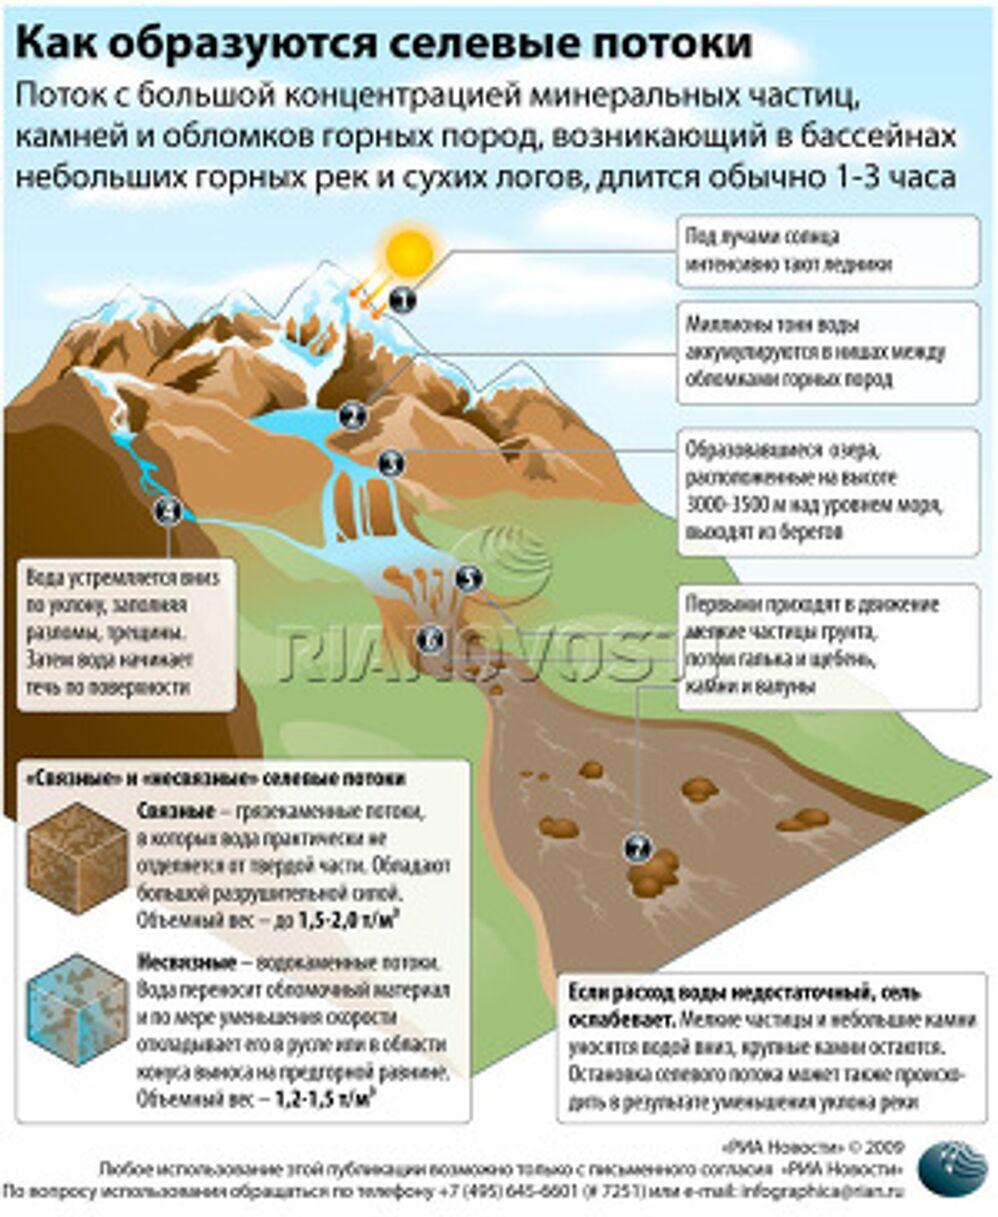 Как образуются селевые потоки